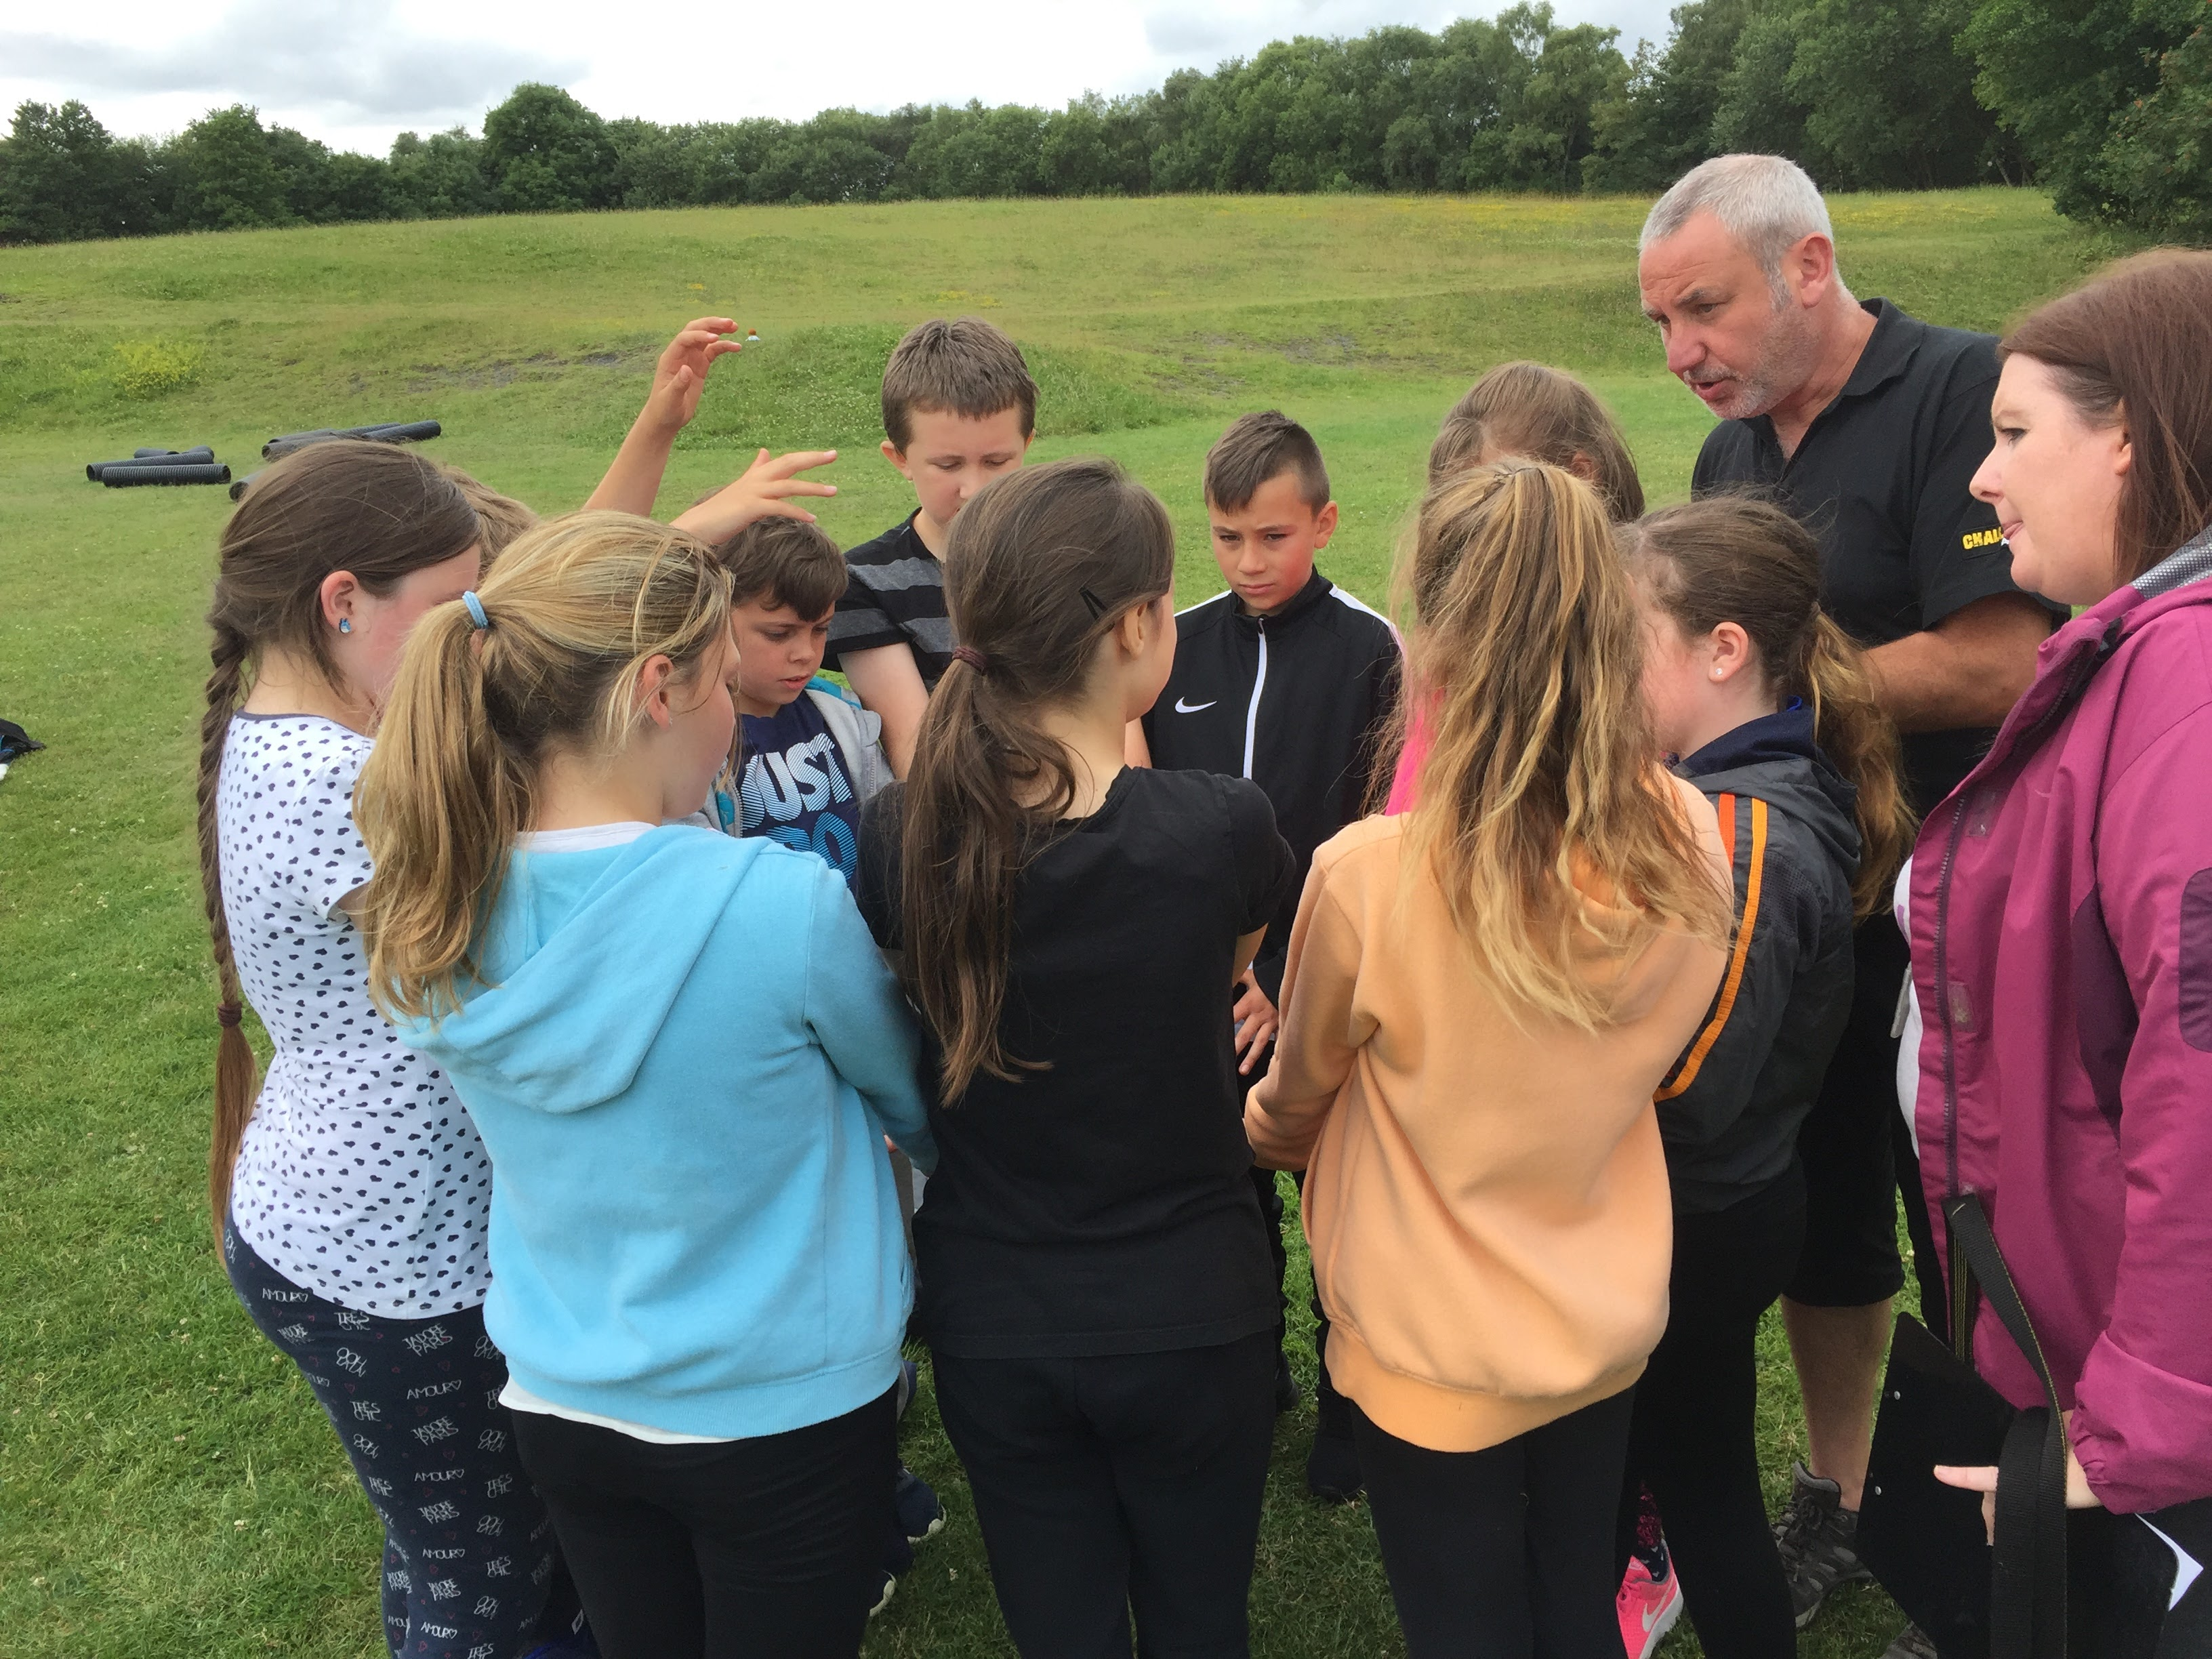 CChallenge Academy Staff: Greg Brookes-Clayton